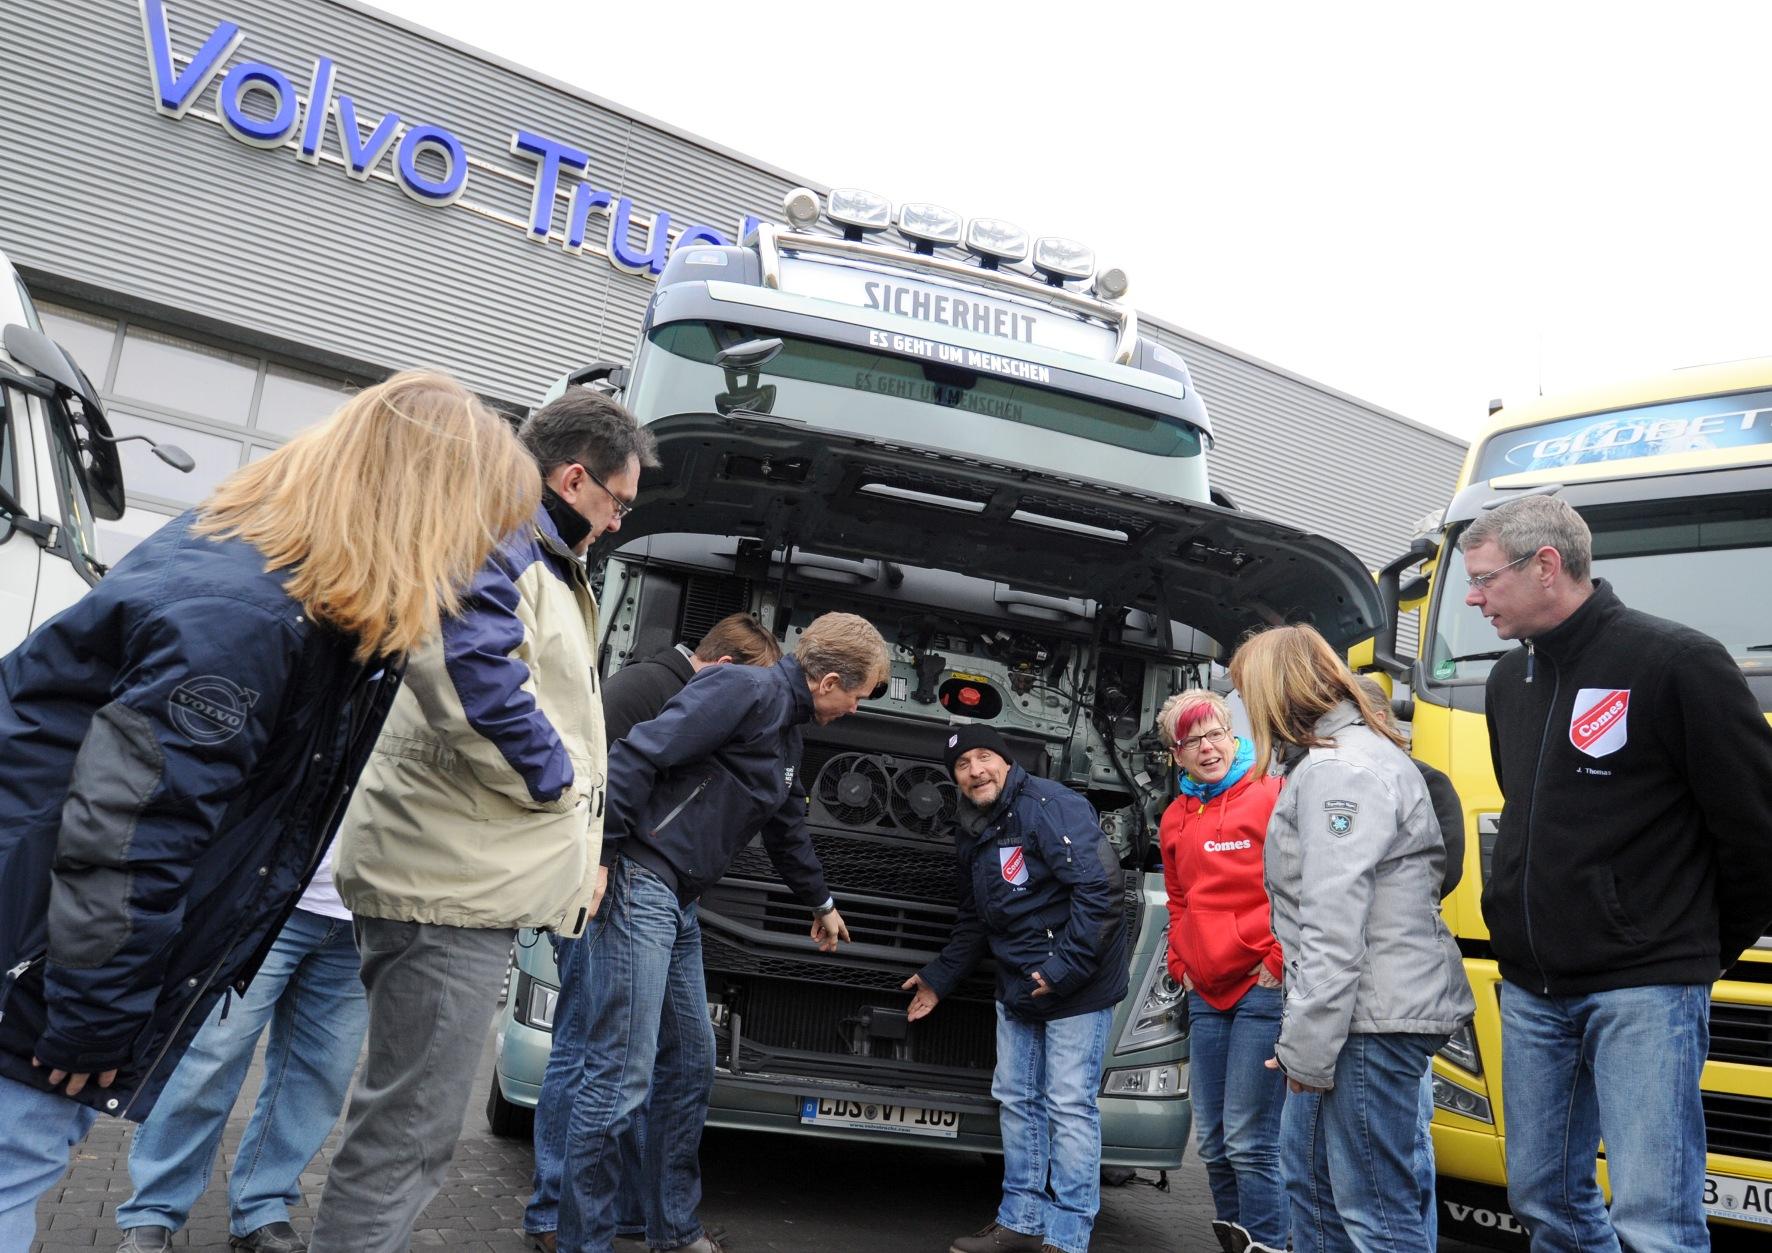 Technik-247.de - Technik Infos & Technik Tipps | Wissen über Technik gehört beim Thema Sicherheit im Straßenverkehr auf den Stundenplan. Das gilt erst recht für Berufskraftfahrer und deren Ausbilder. Auf diesem Foto zu sehen: Die Fahrlehrer angehender Berufskraftfahrer der Fahrschule Comes, die zu Gast im Volvo Group Truck Center in Berlin-Wildau war.   Foto:  Gerlinde Irmscher/Volvo Trucks